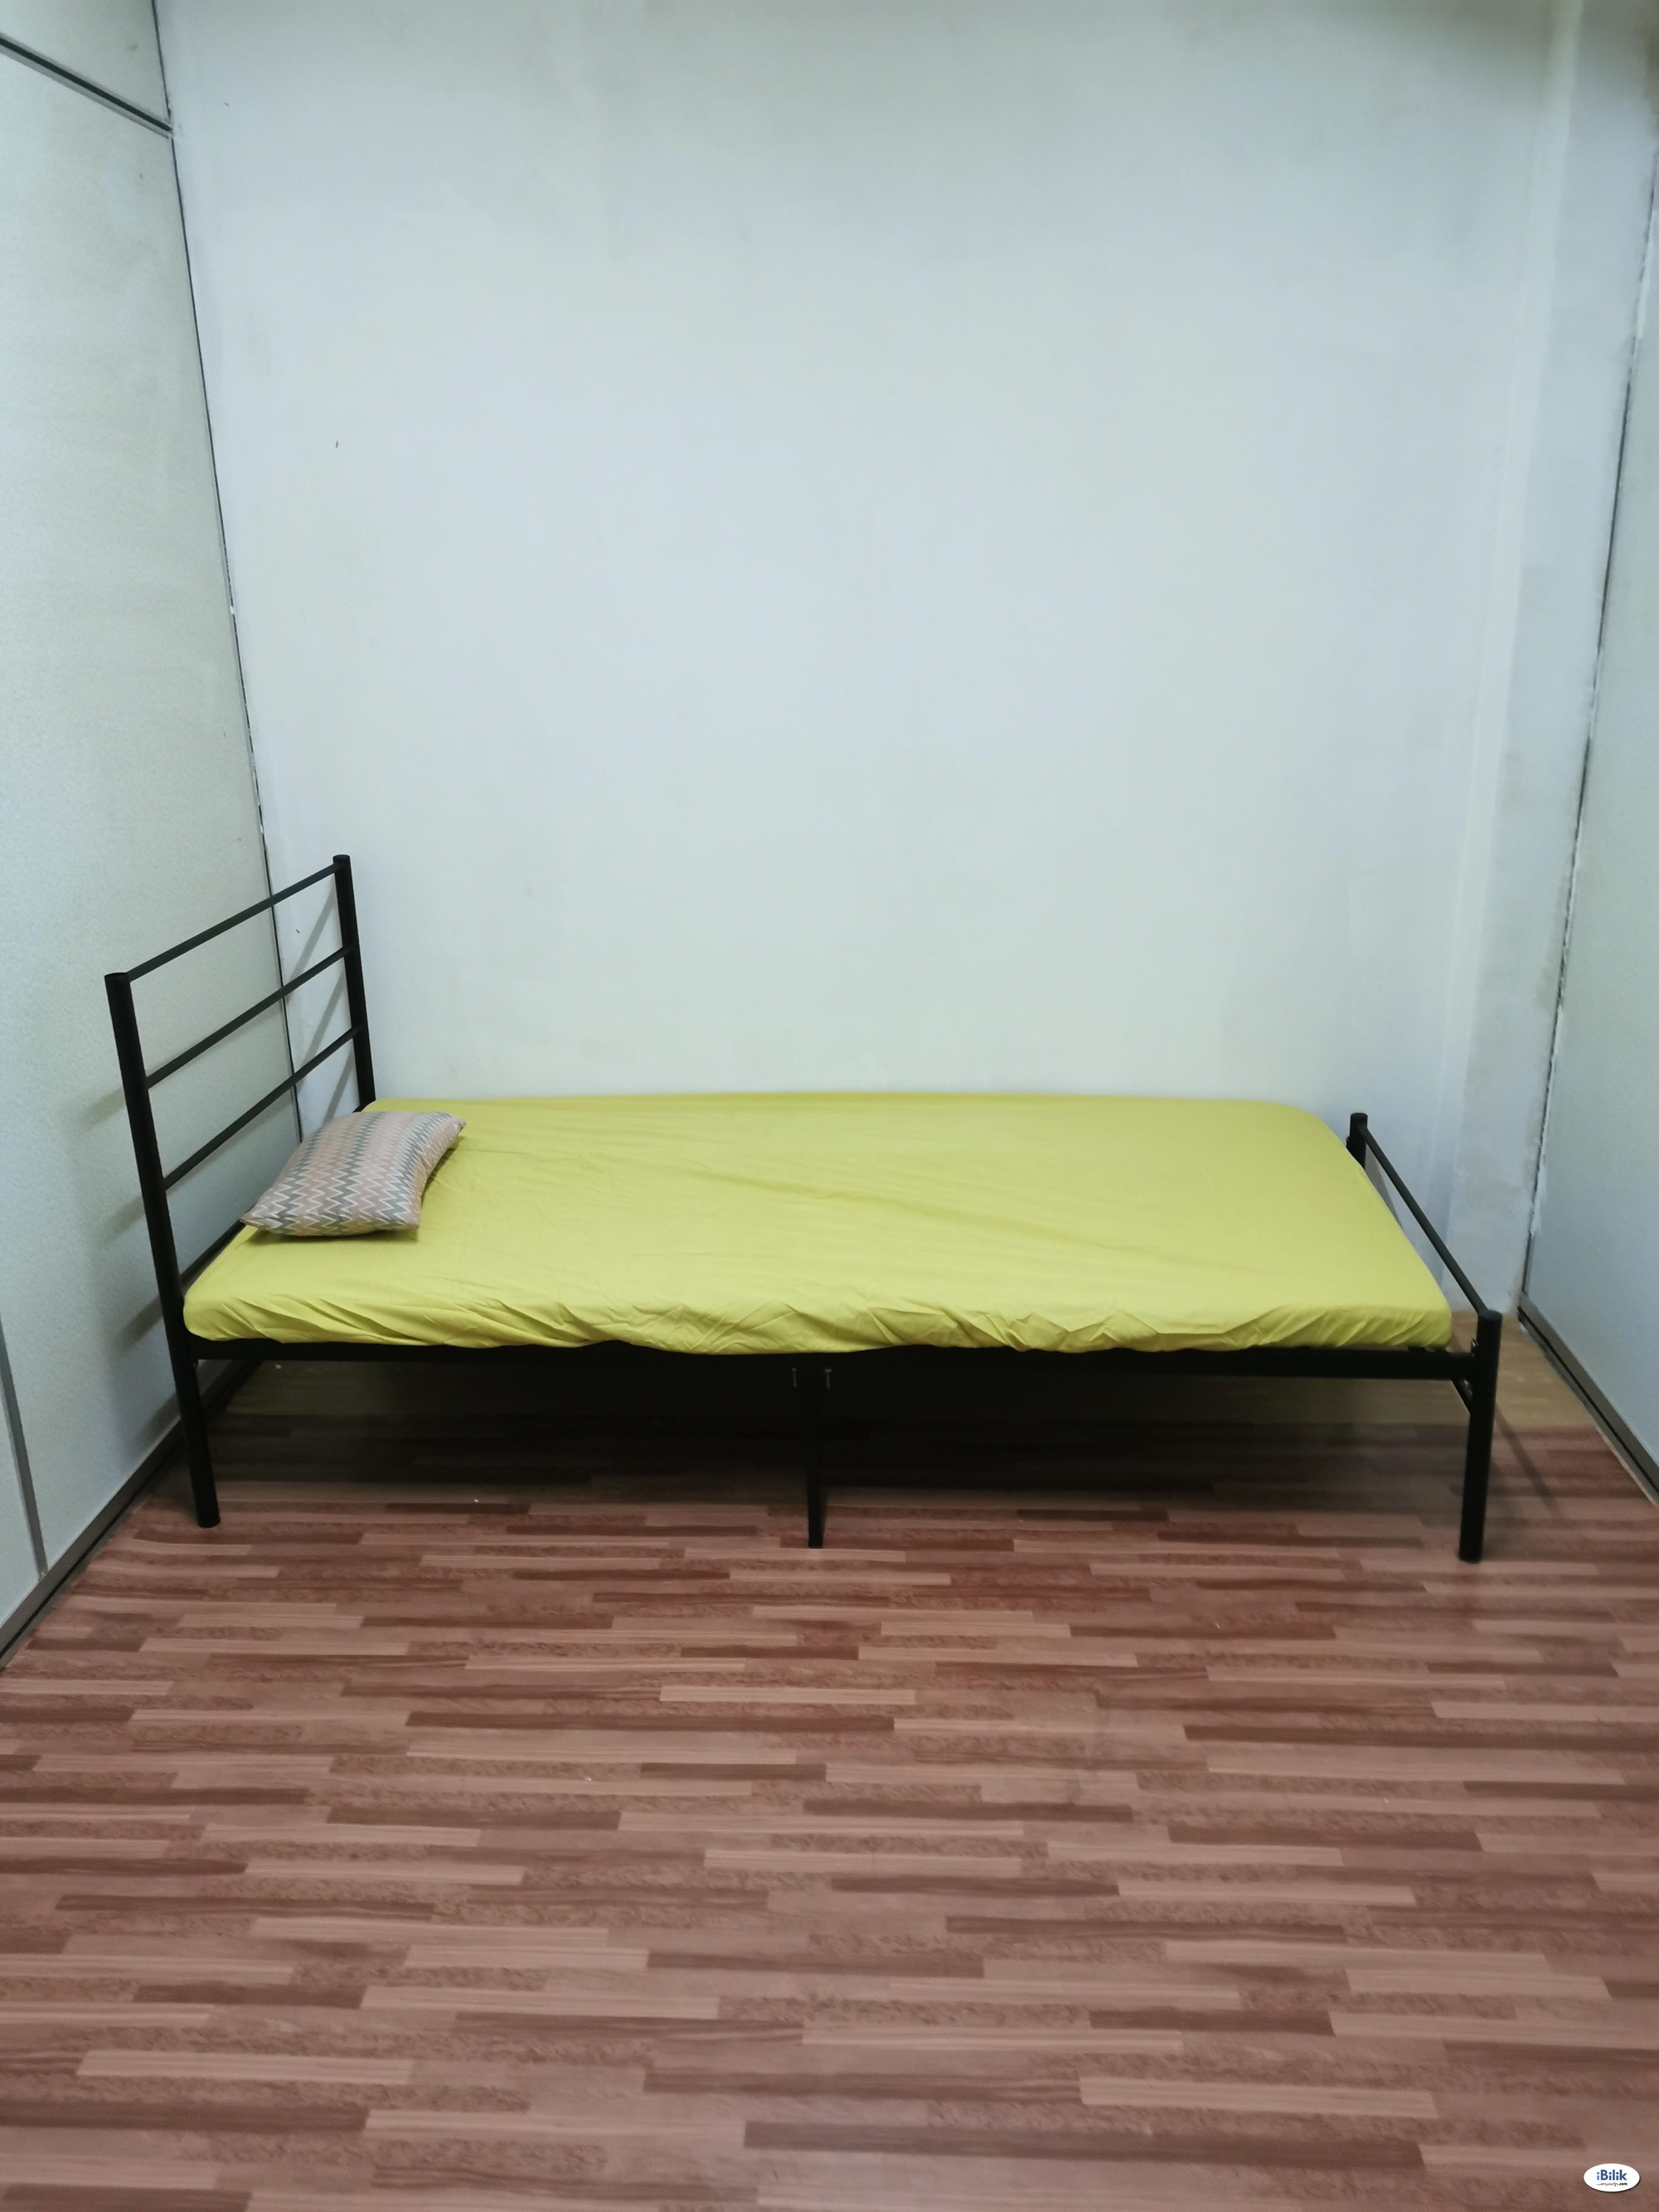 Lockdown room offer